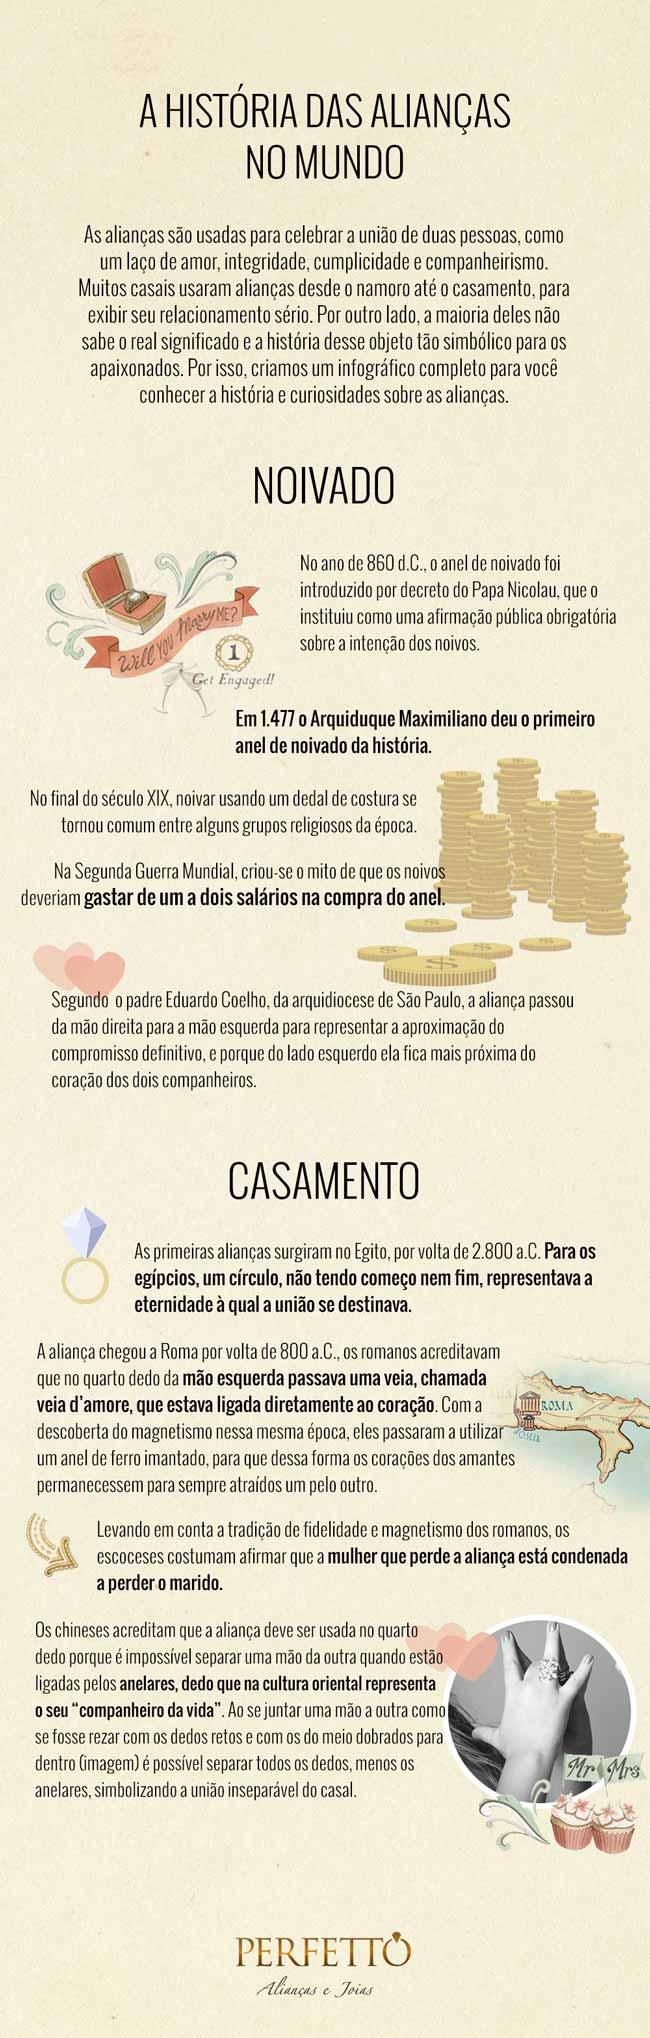 Infografico_a_historia_das_aliancas_no_mundo